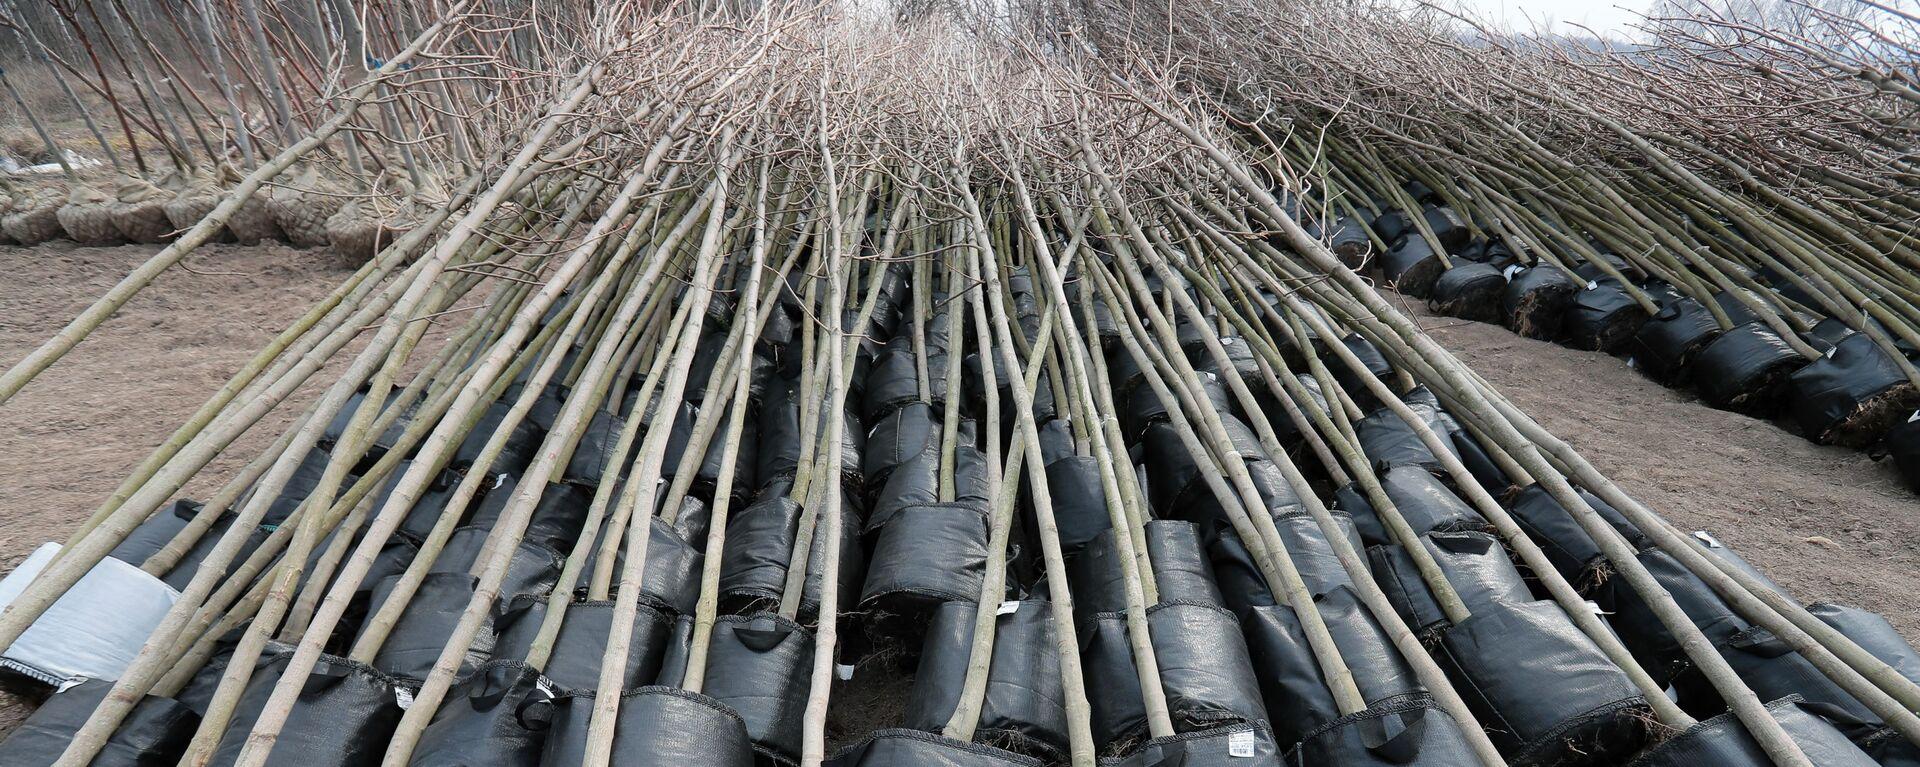 Саженцы деревьев для озеленения - Sputnik Узбекистан, 1920, 26.05.2021